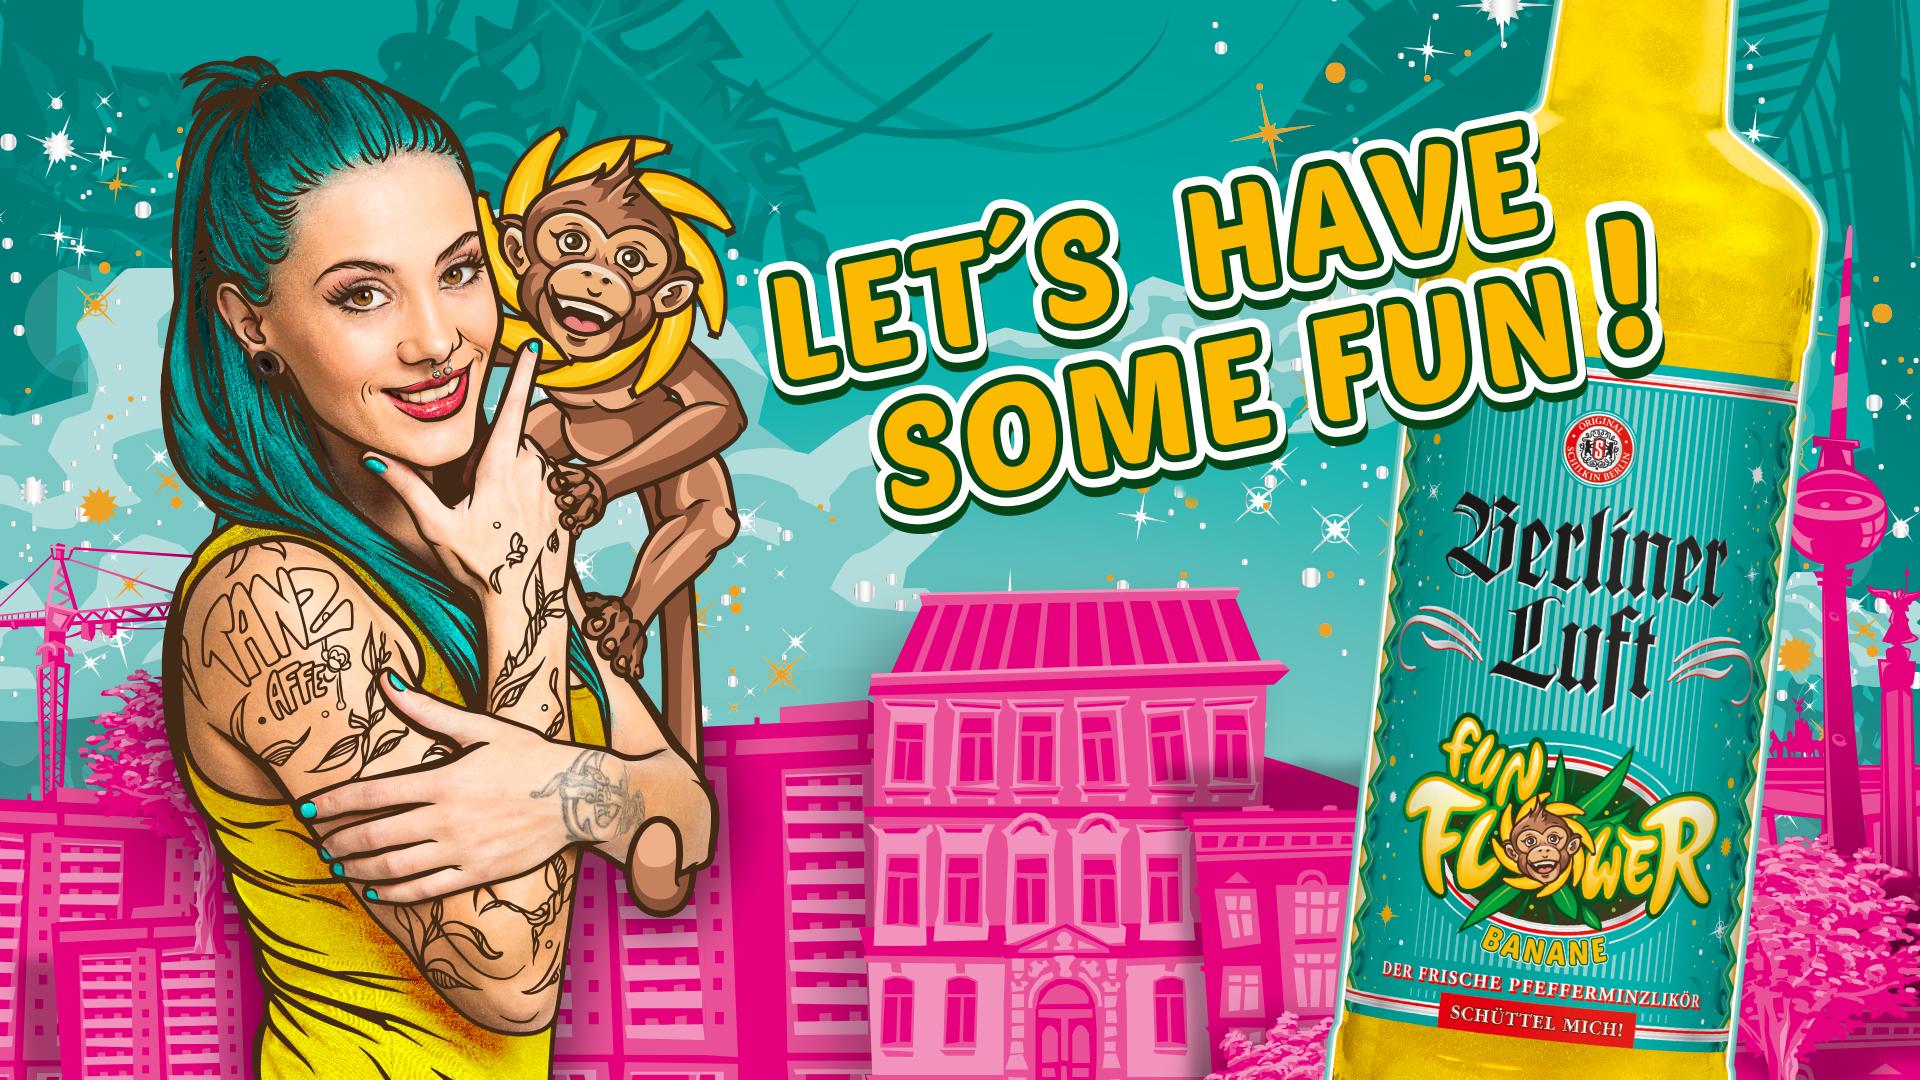 Berliner Luft Fun Flower Banner mit Fun Flower Flasche, Emely mit Äffchen und Slogan